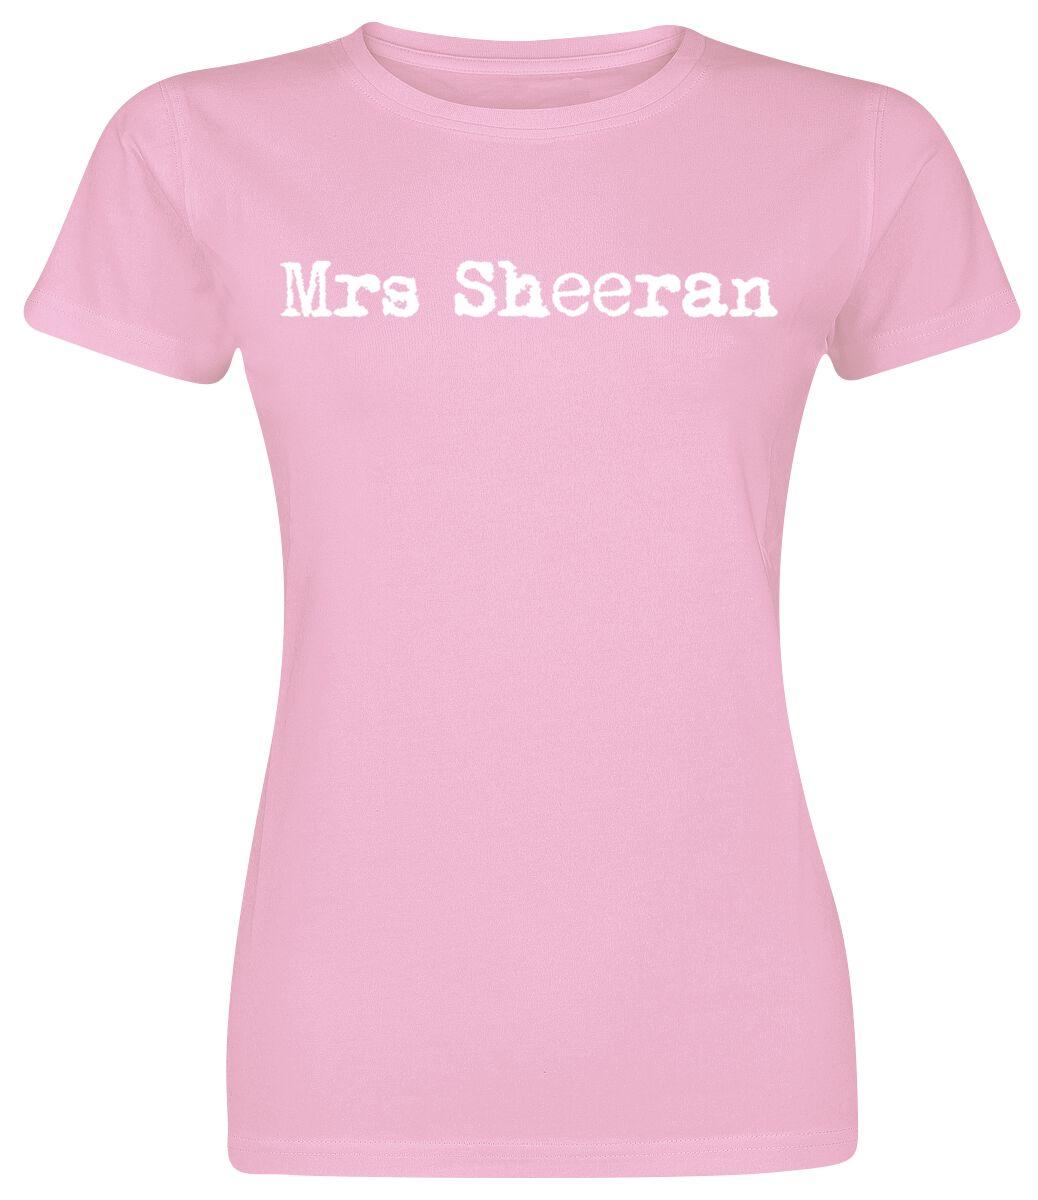 2c330a0fe5b5 Mrs Sheeran T-Shirt for true Ed Sheeran fans